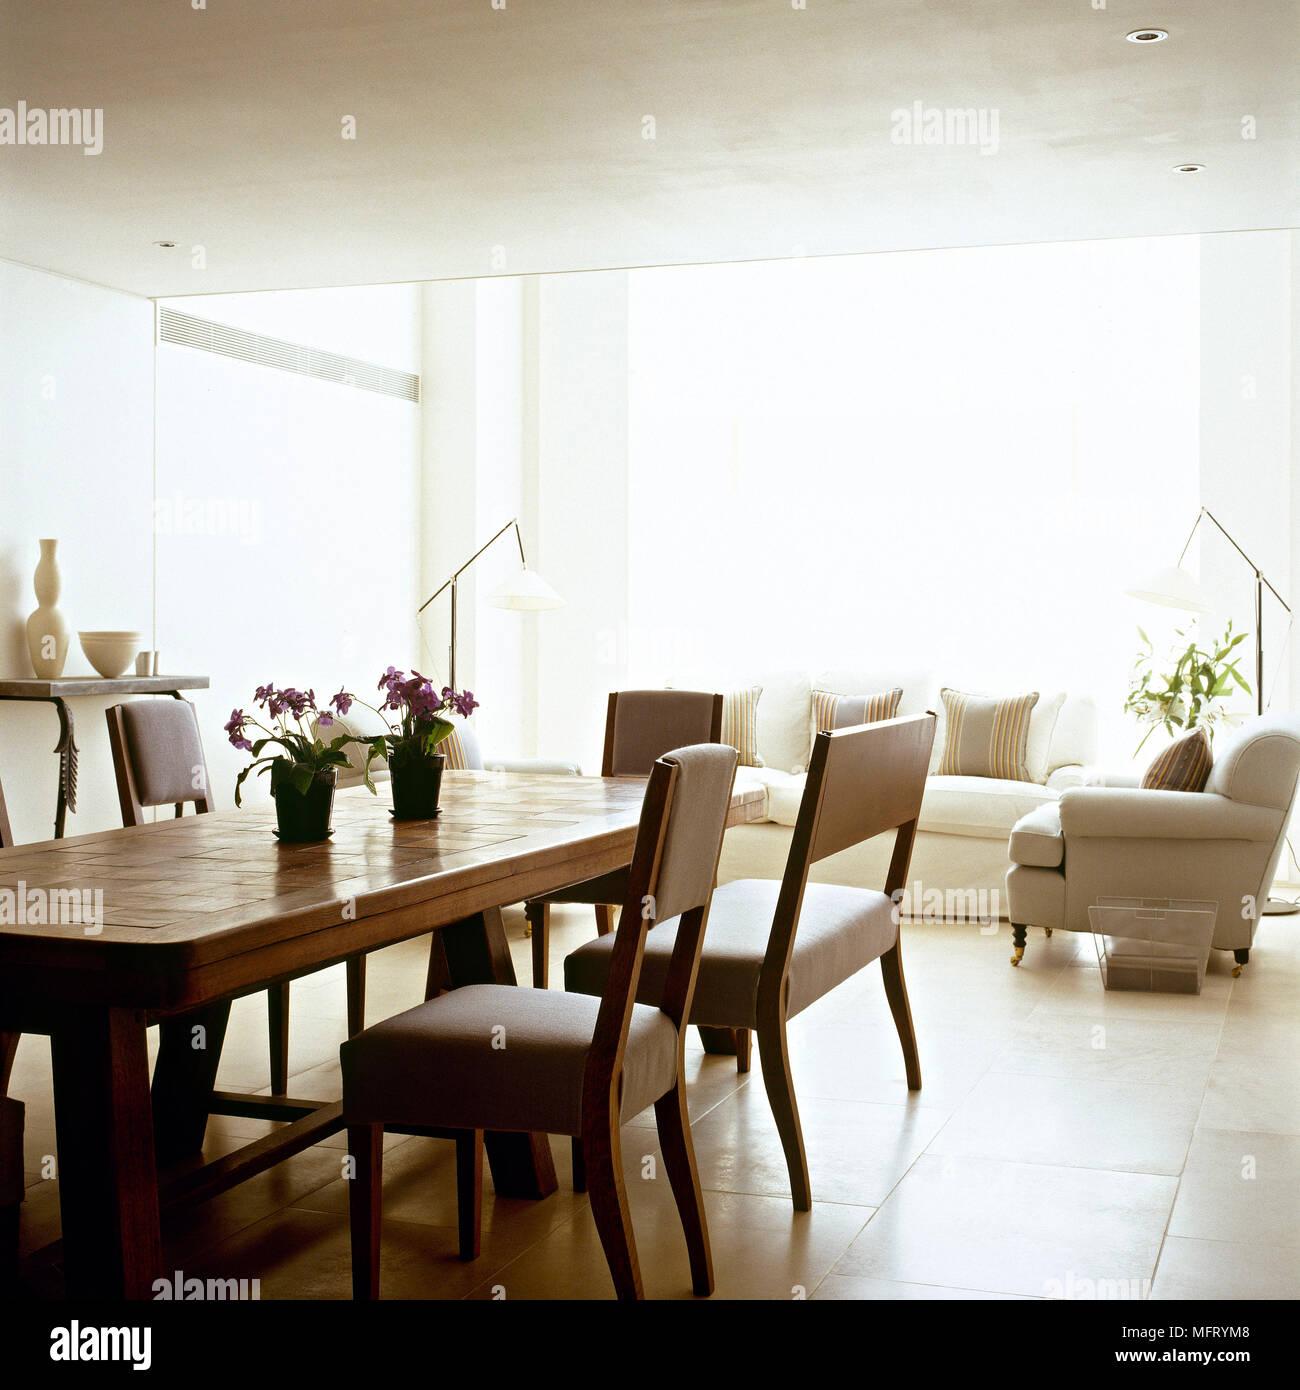 Teppich Esszimmer Modern Auch Genial Lampe Esszimmer: Modernes Wohnzimmer Mit Essbereich